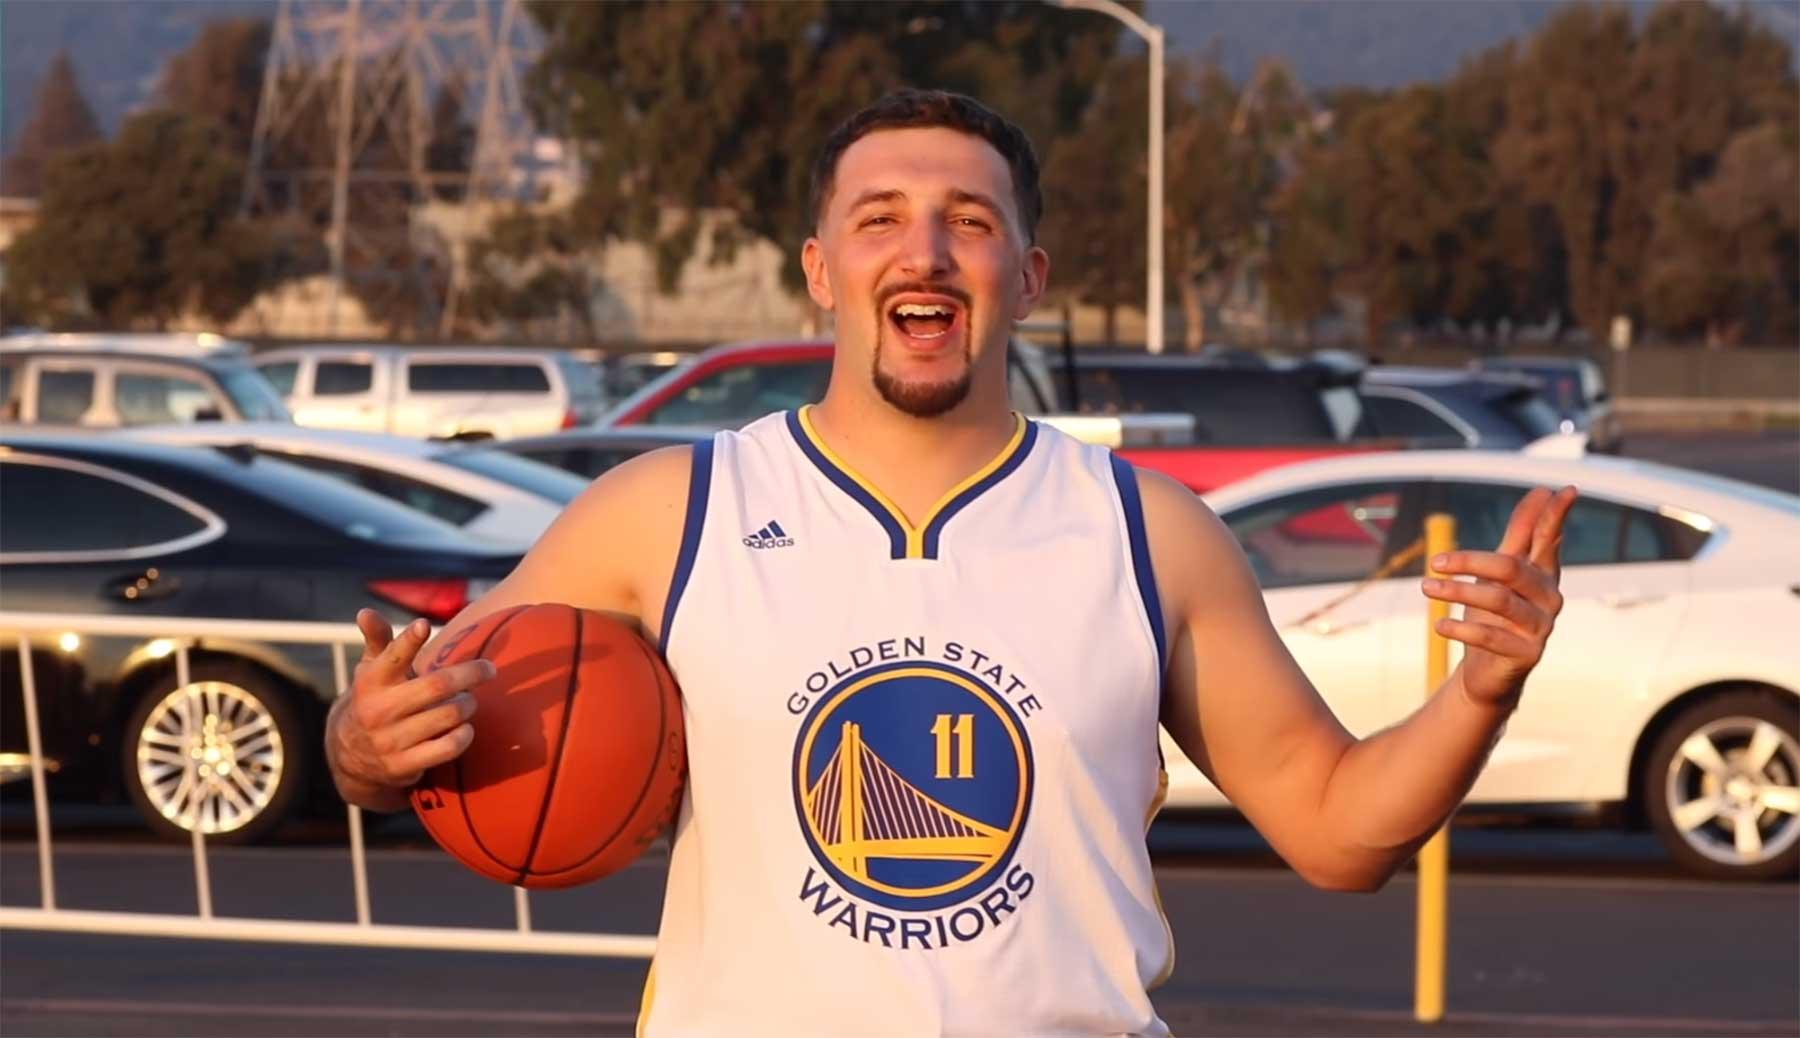 Als Spieler verkleidet in ein NBA-Spiel schmuggeln basketball-doppelgaenger